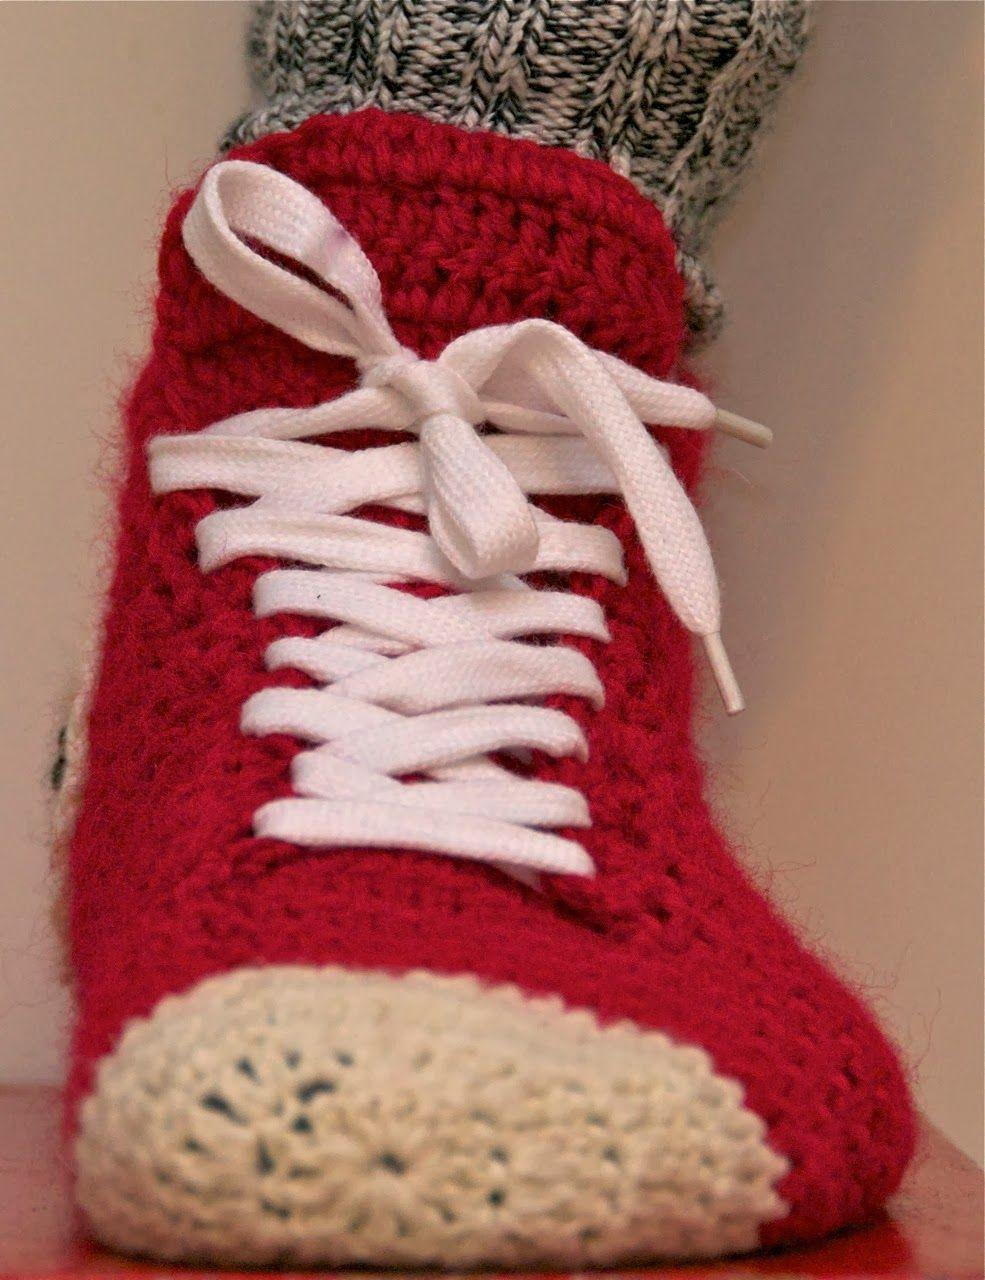 Crochet Converse Slippers Slippers Pinterest Crochet Converse